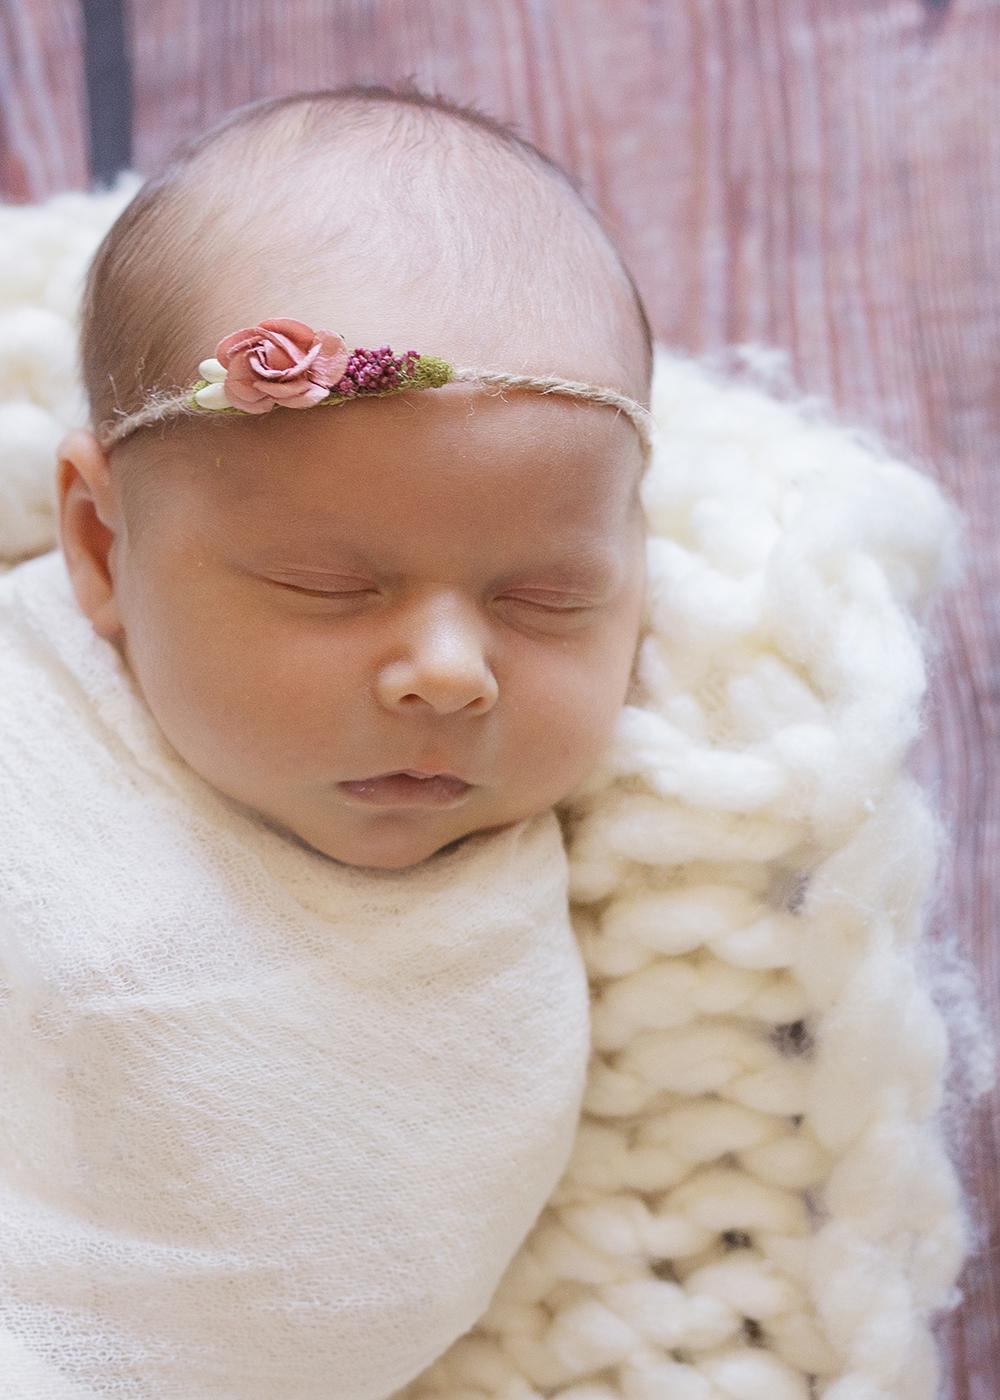 Edmonton Newborn Photographer_Baby Makenna Sneak Peek 9.jpg